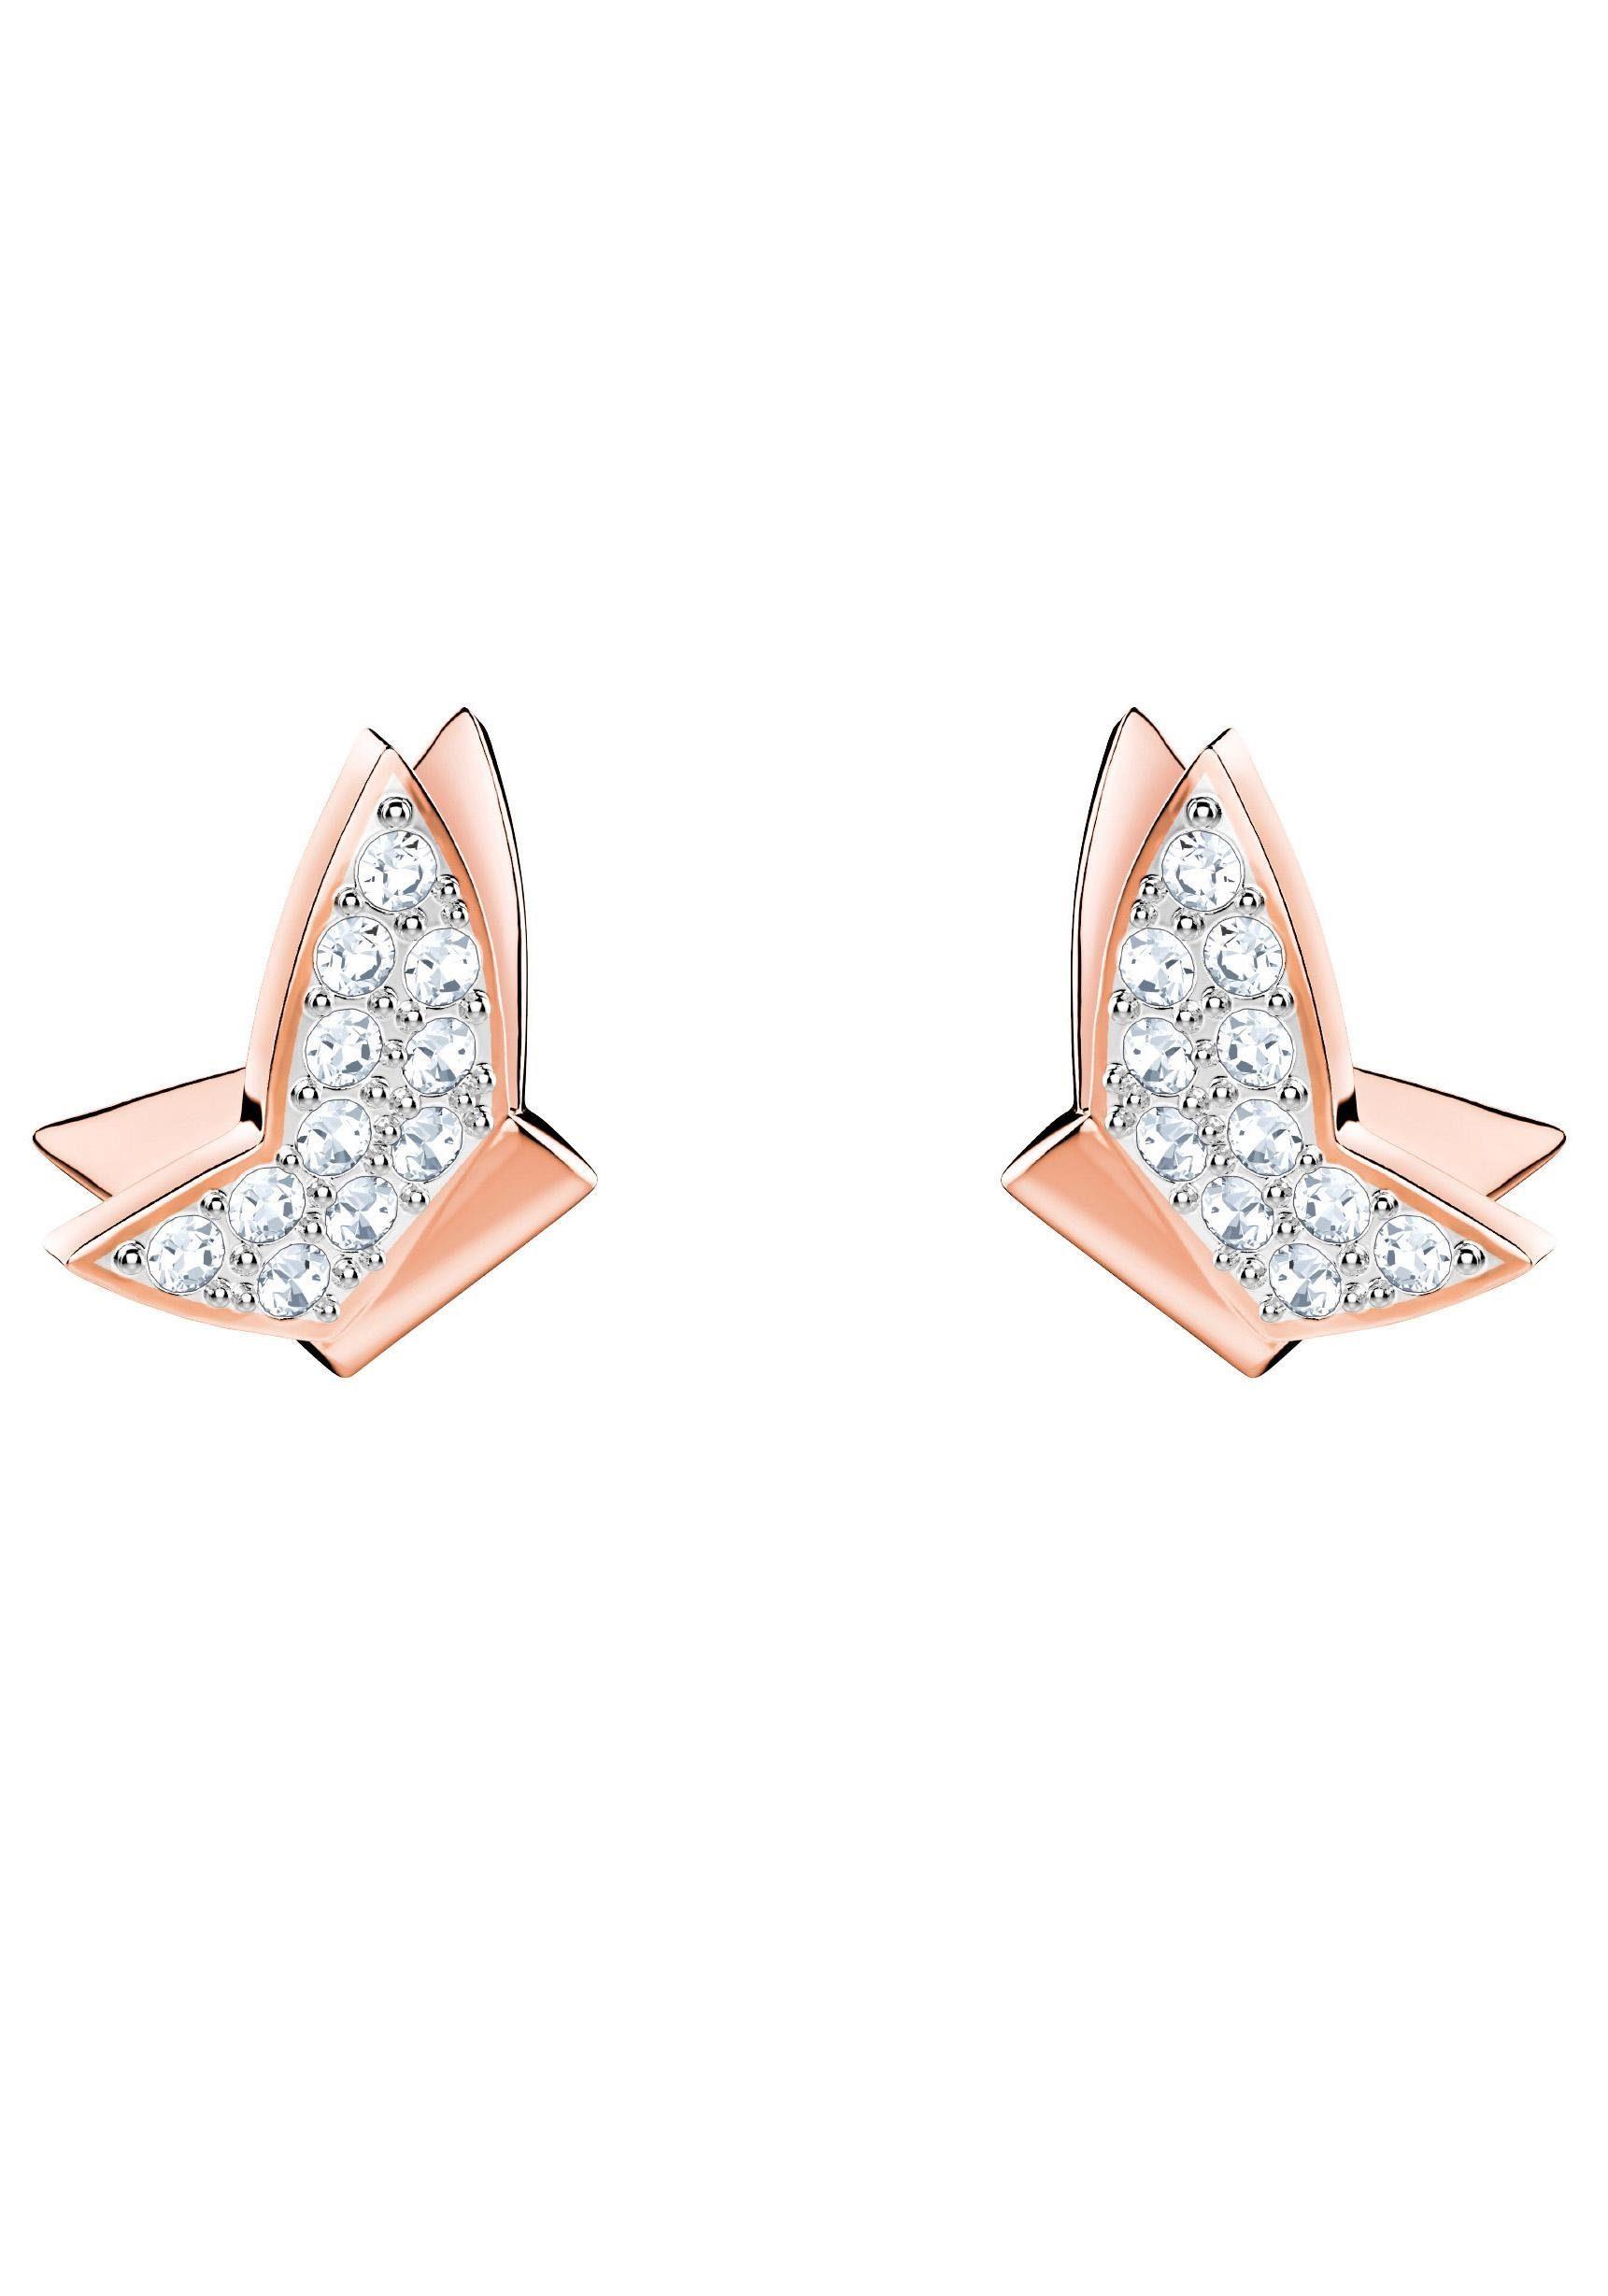 Swarovski Paar Ohrstecker »Schmetterlinge, Lilia Fig, weiss, rosé Vergoldung, 5382367« mit Swarovski® Kristallen